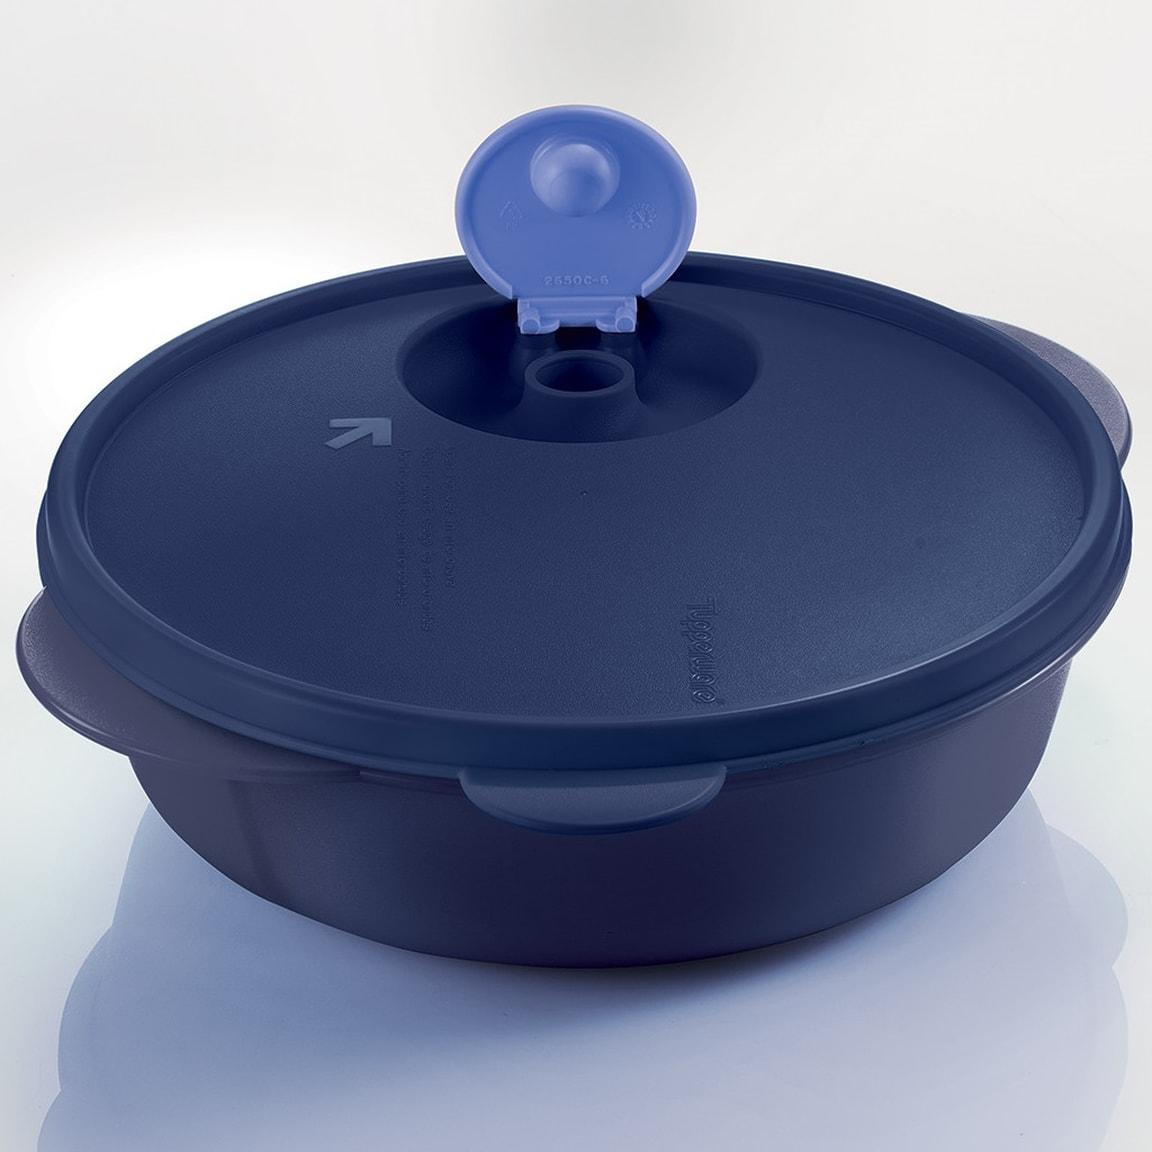 Large CrystalWave Divided Dish (1) 2.0L